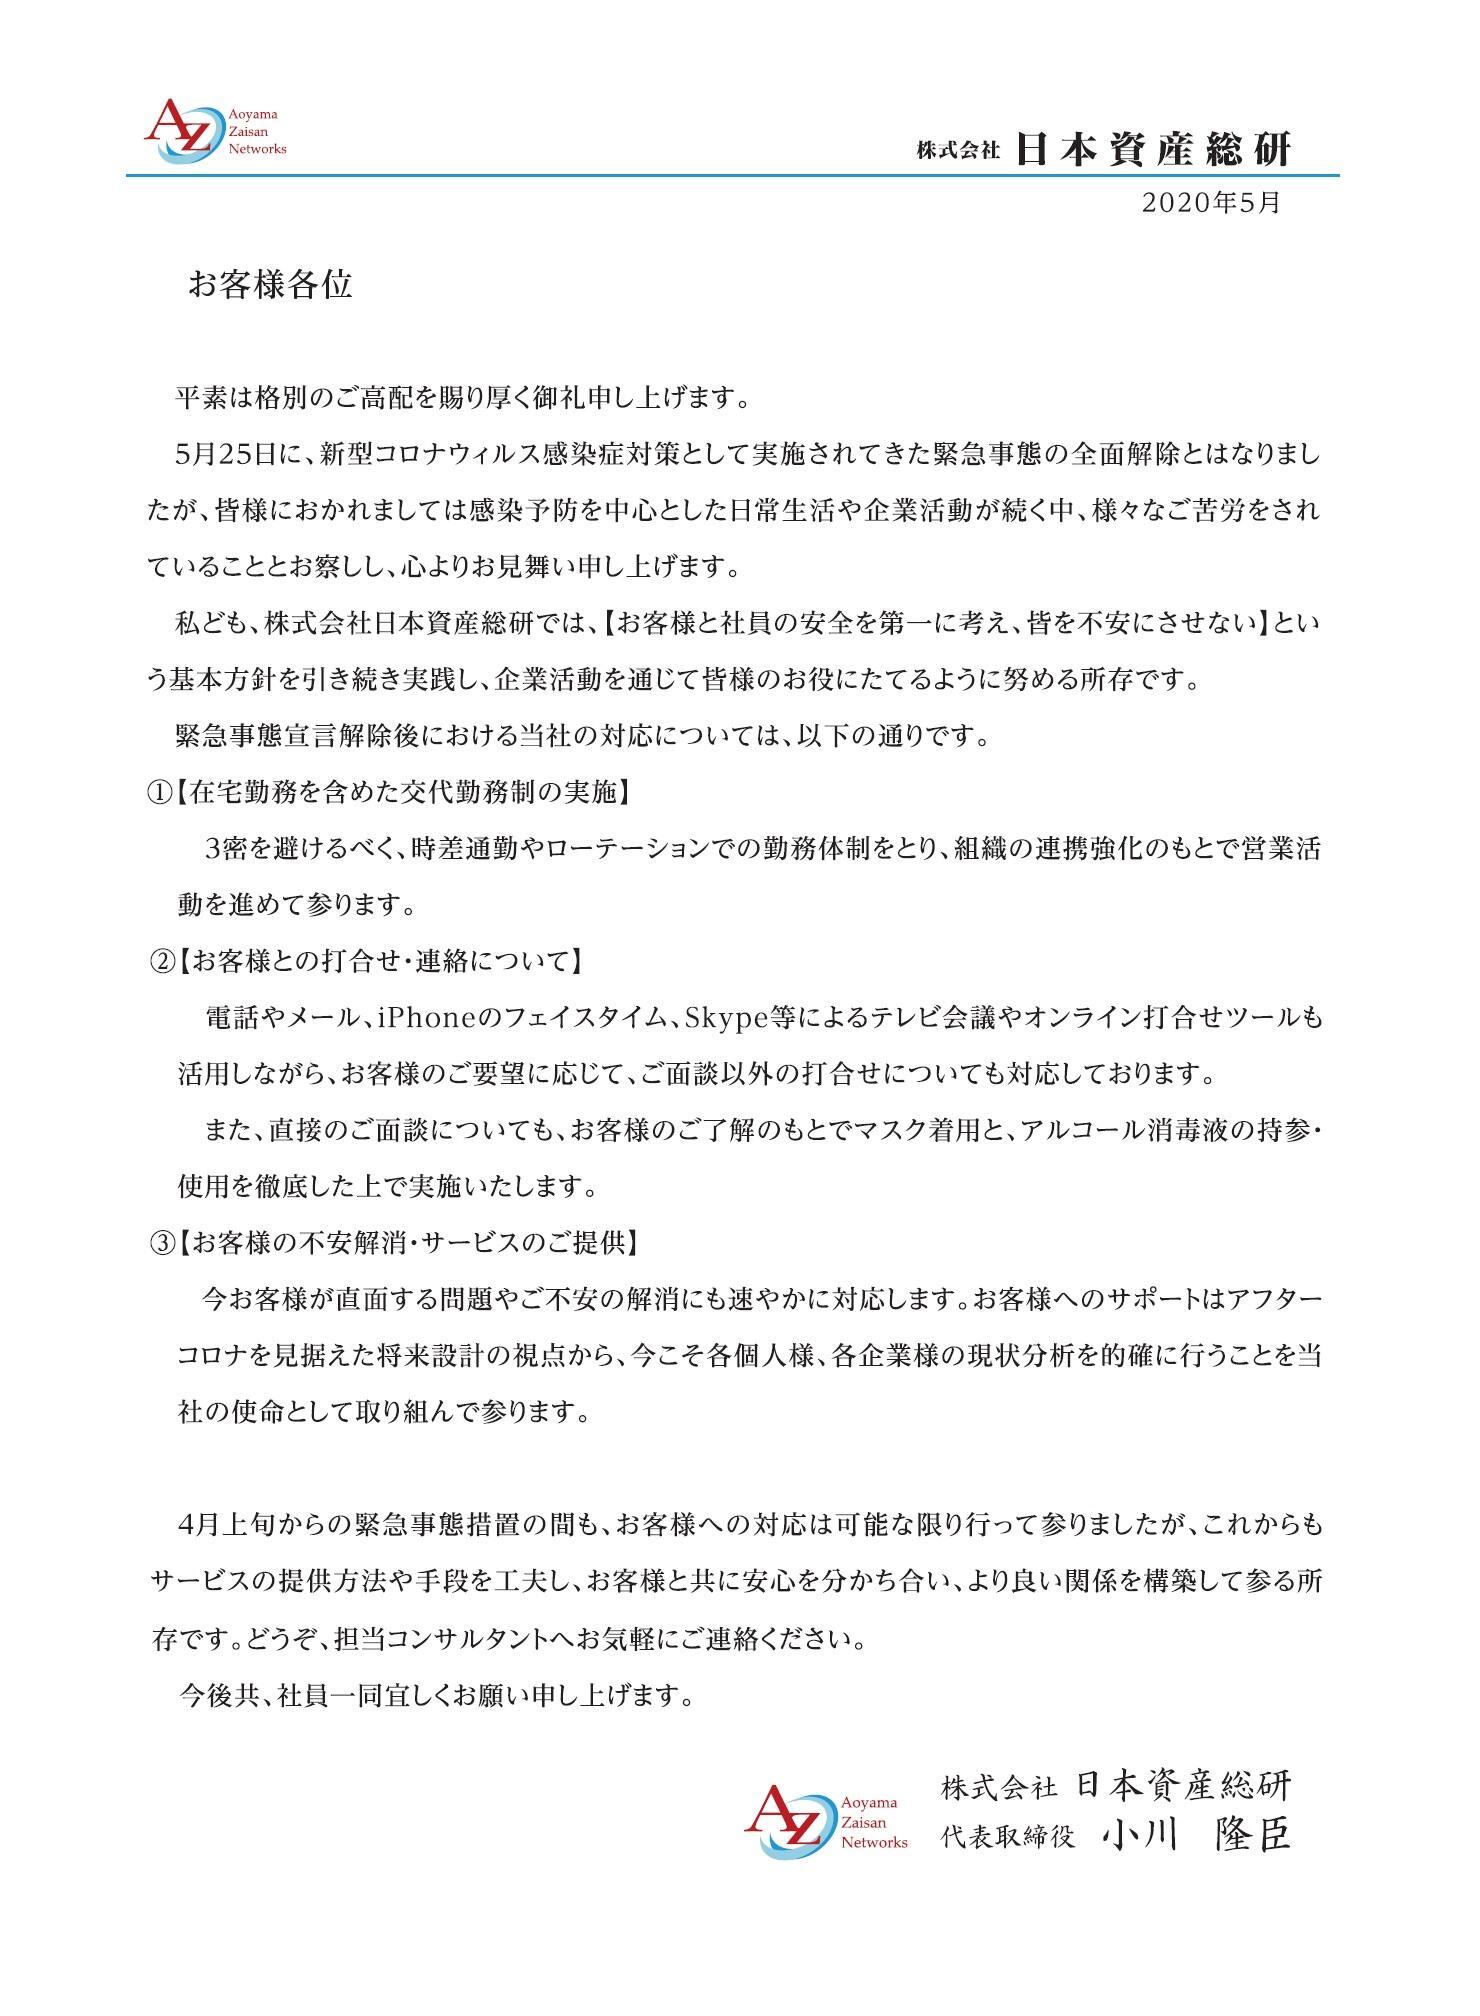 コロナ挨拶状第3弾 HP用JPG.jpg